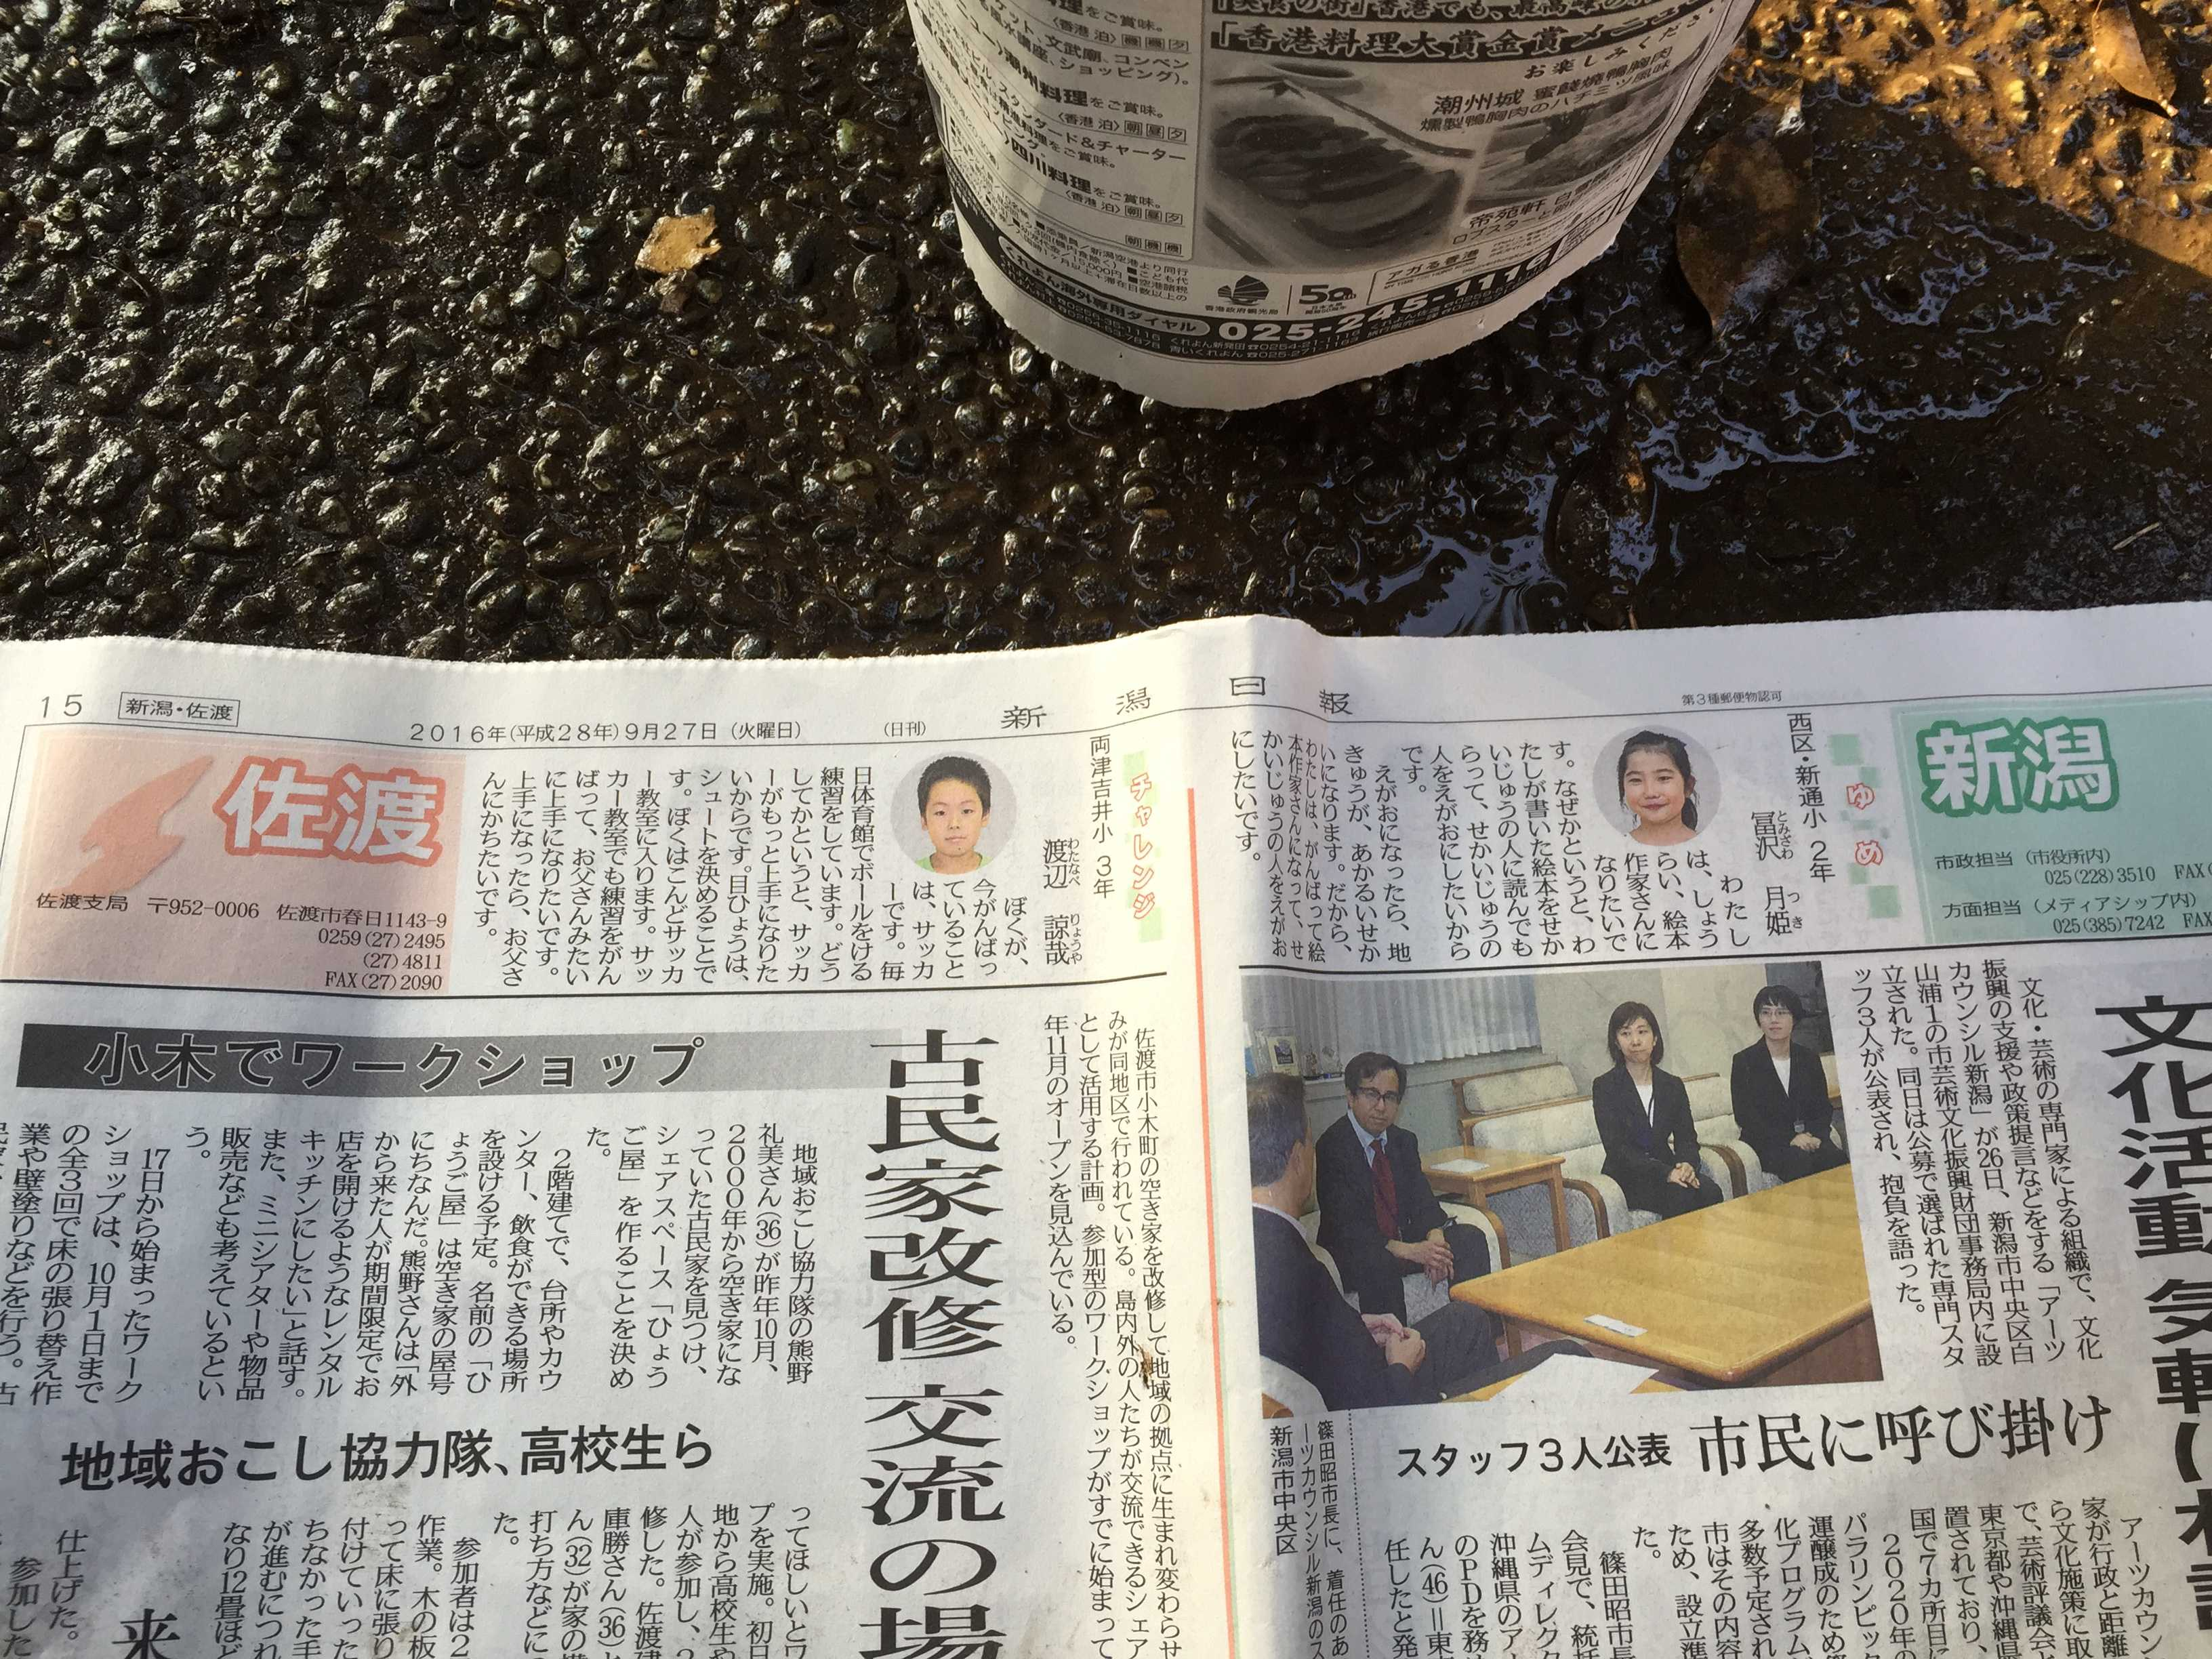 万両(マンリョウ)の植え付け - 新潟日報の新聞紙